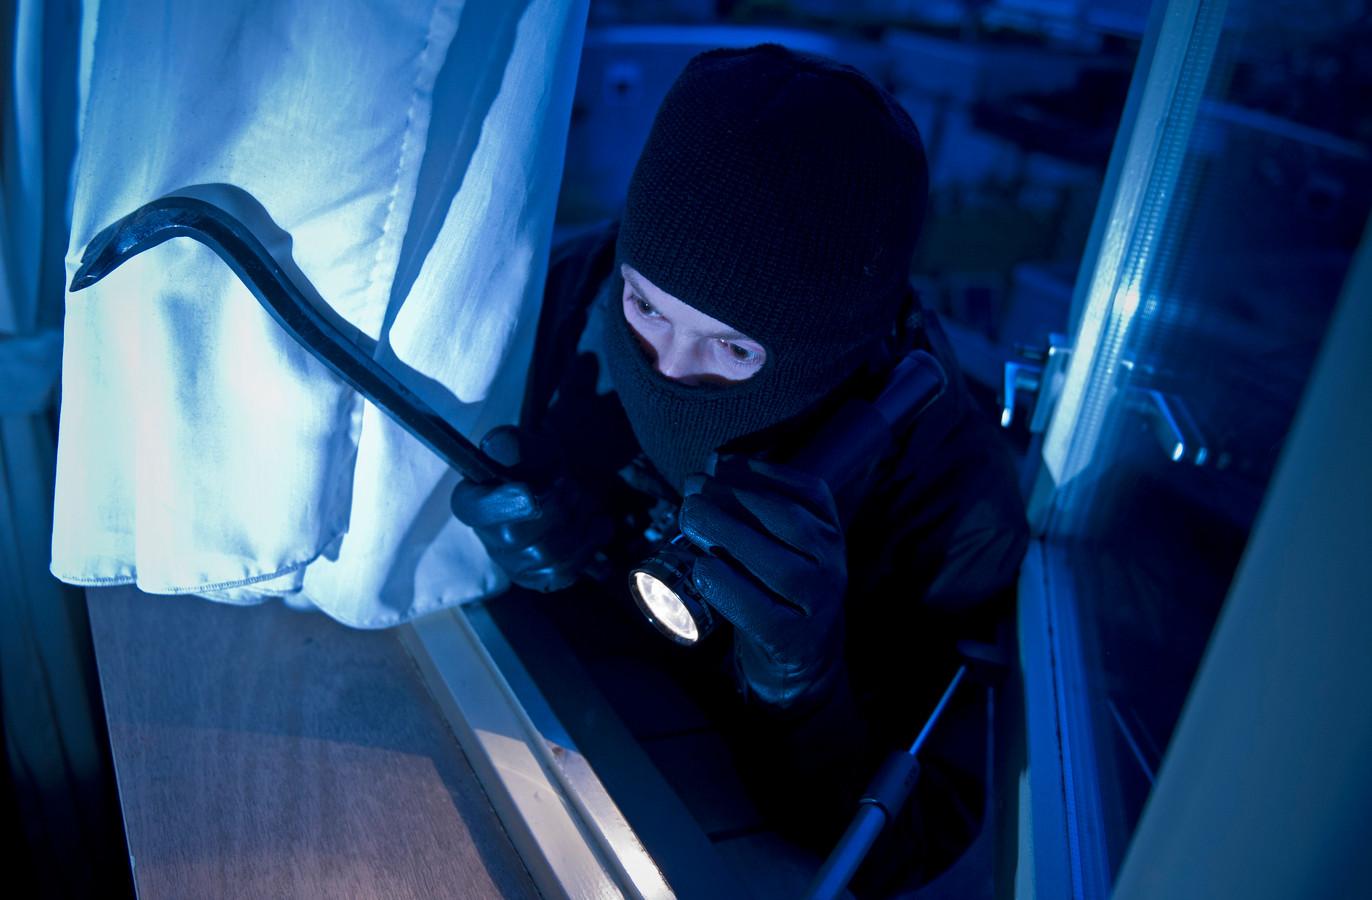 Ter illustratie: een inbreker probeert een huis binnen te dringen.